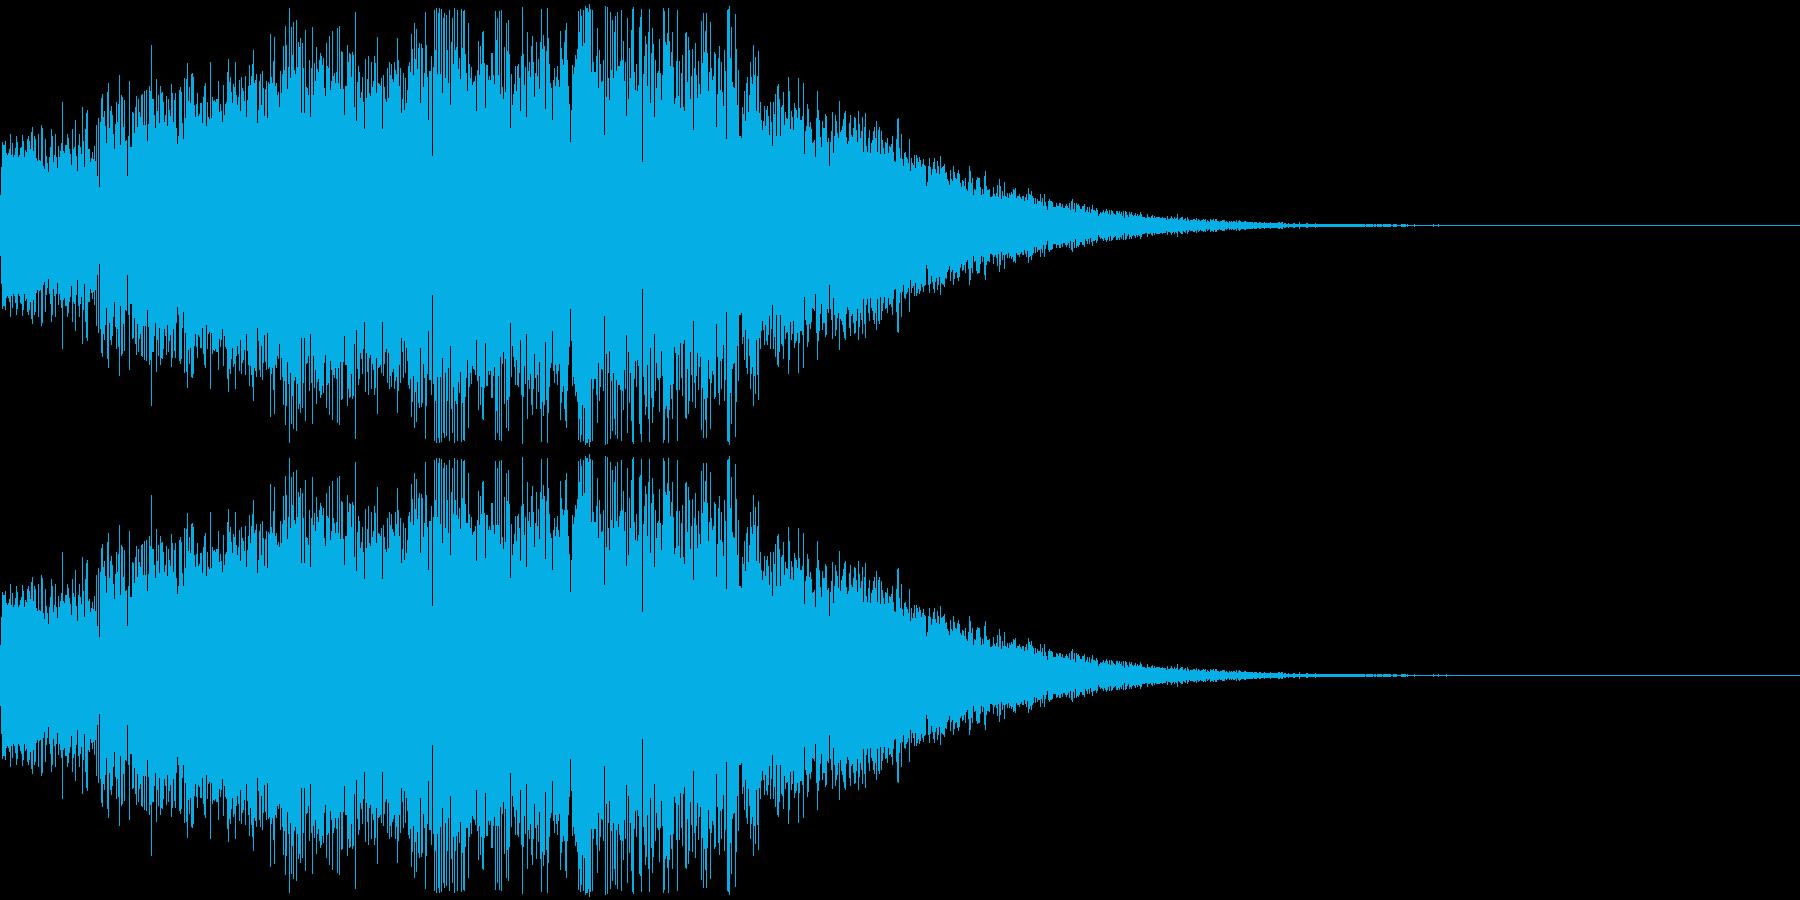 アニメにありそうなエネルギーの爆発音の再生済みの波形